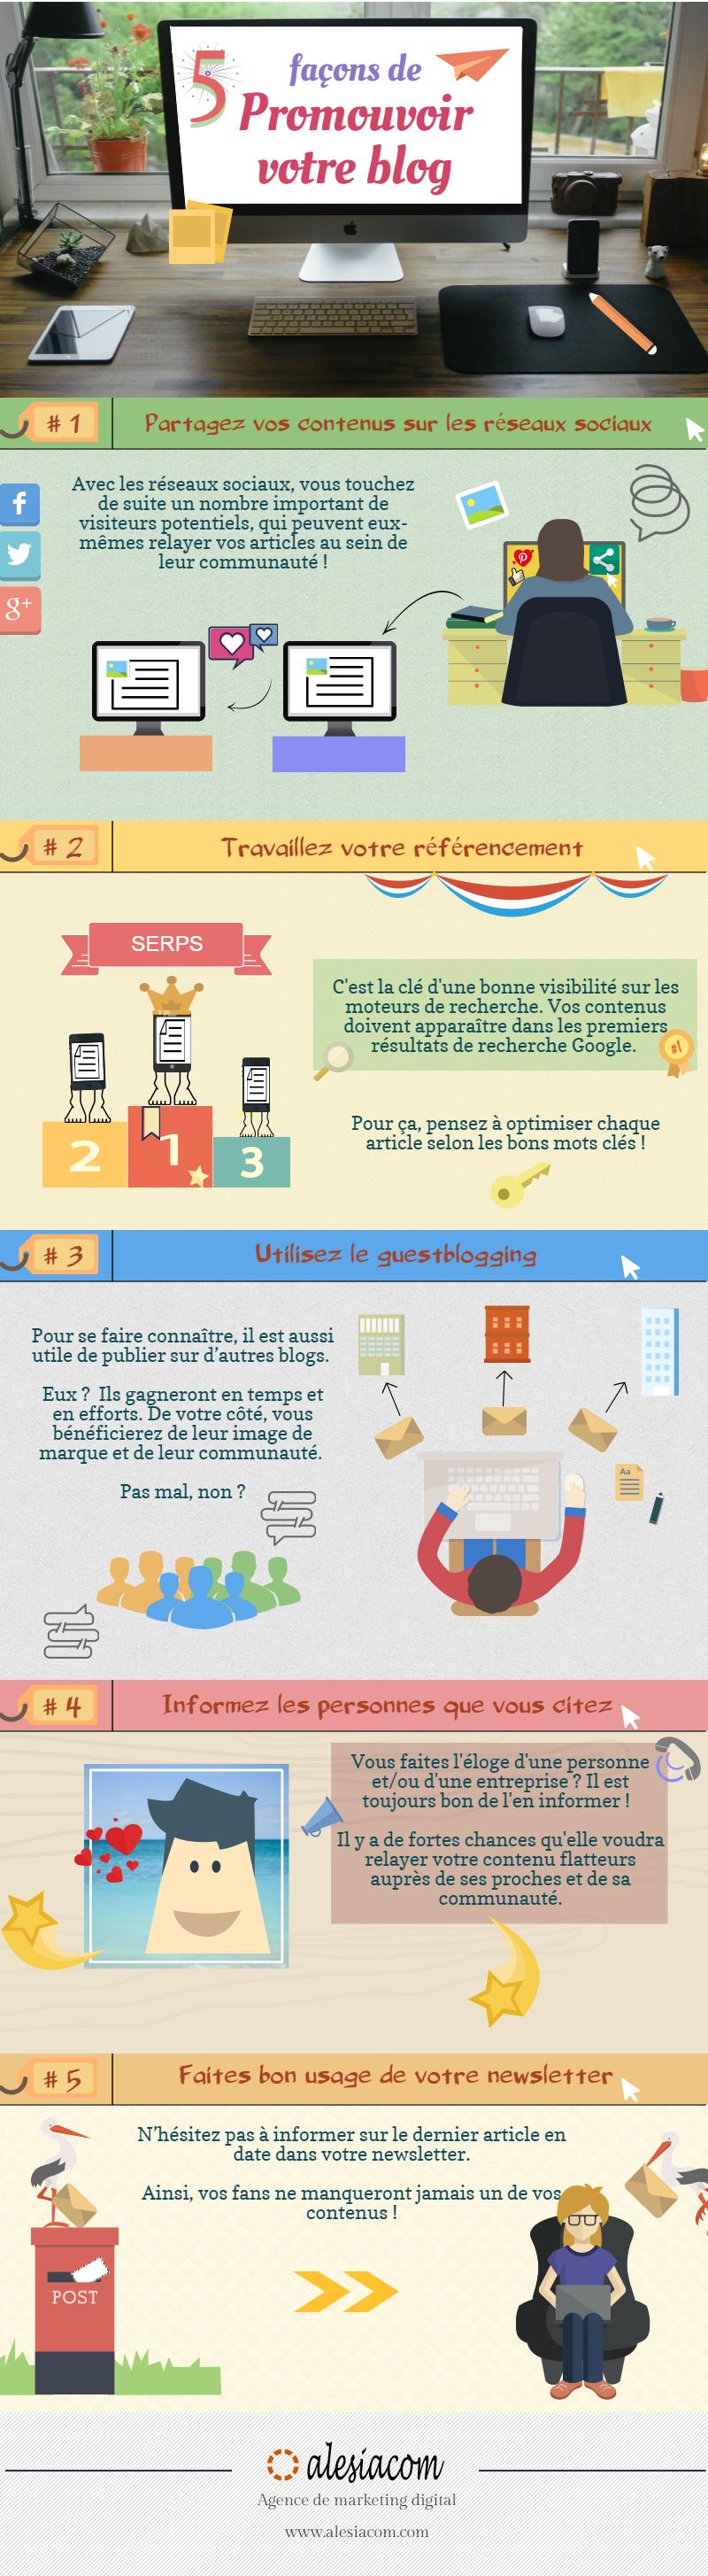 guide entrepreneur   promouvoir un nouveau site web de 5